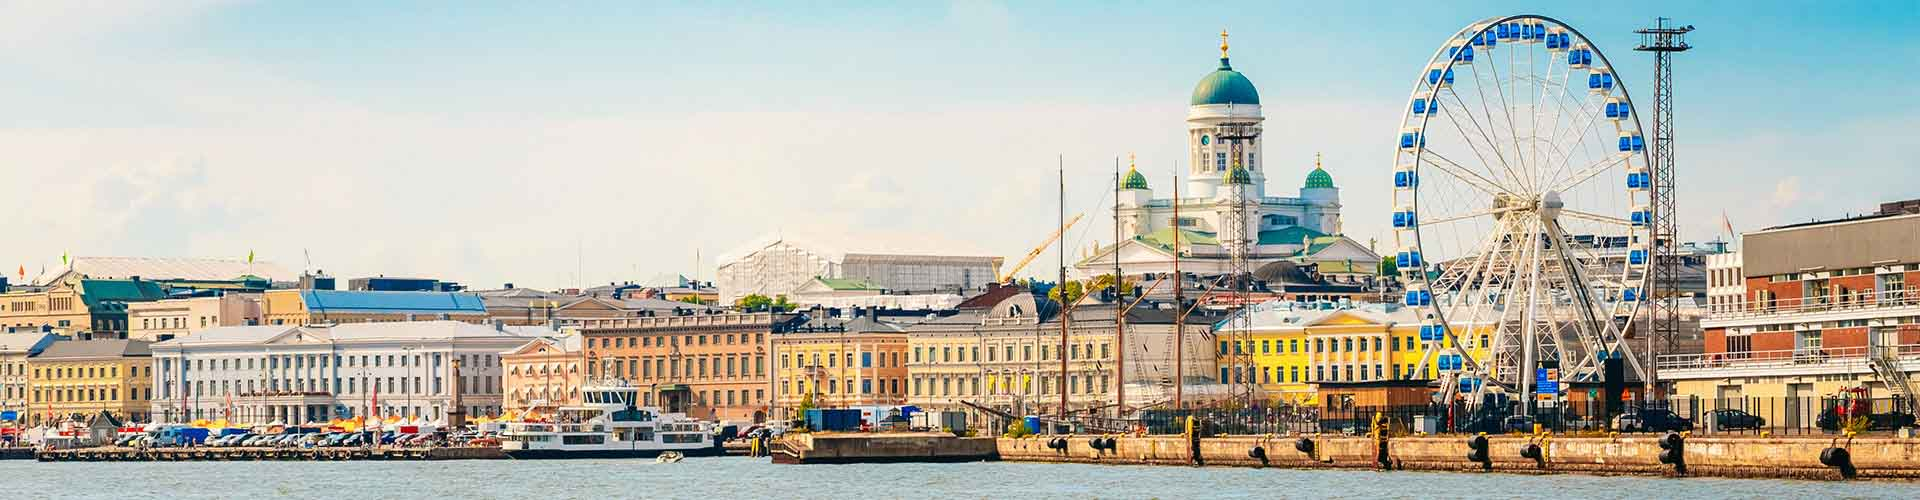 Helsinki - Apartments in Helsinki. Helsinki auf der Karte. Fotos und Bewertungen für jedes Apartment in Helsinki.